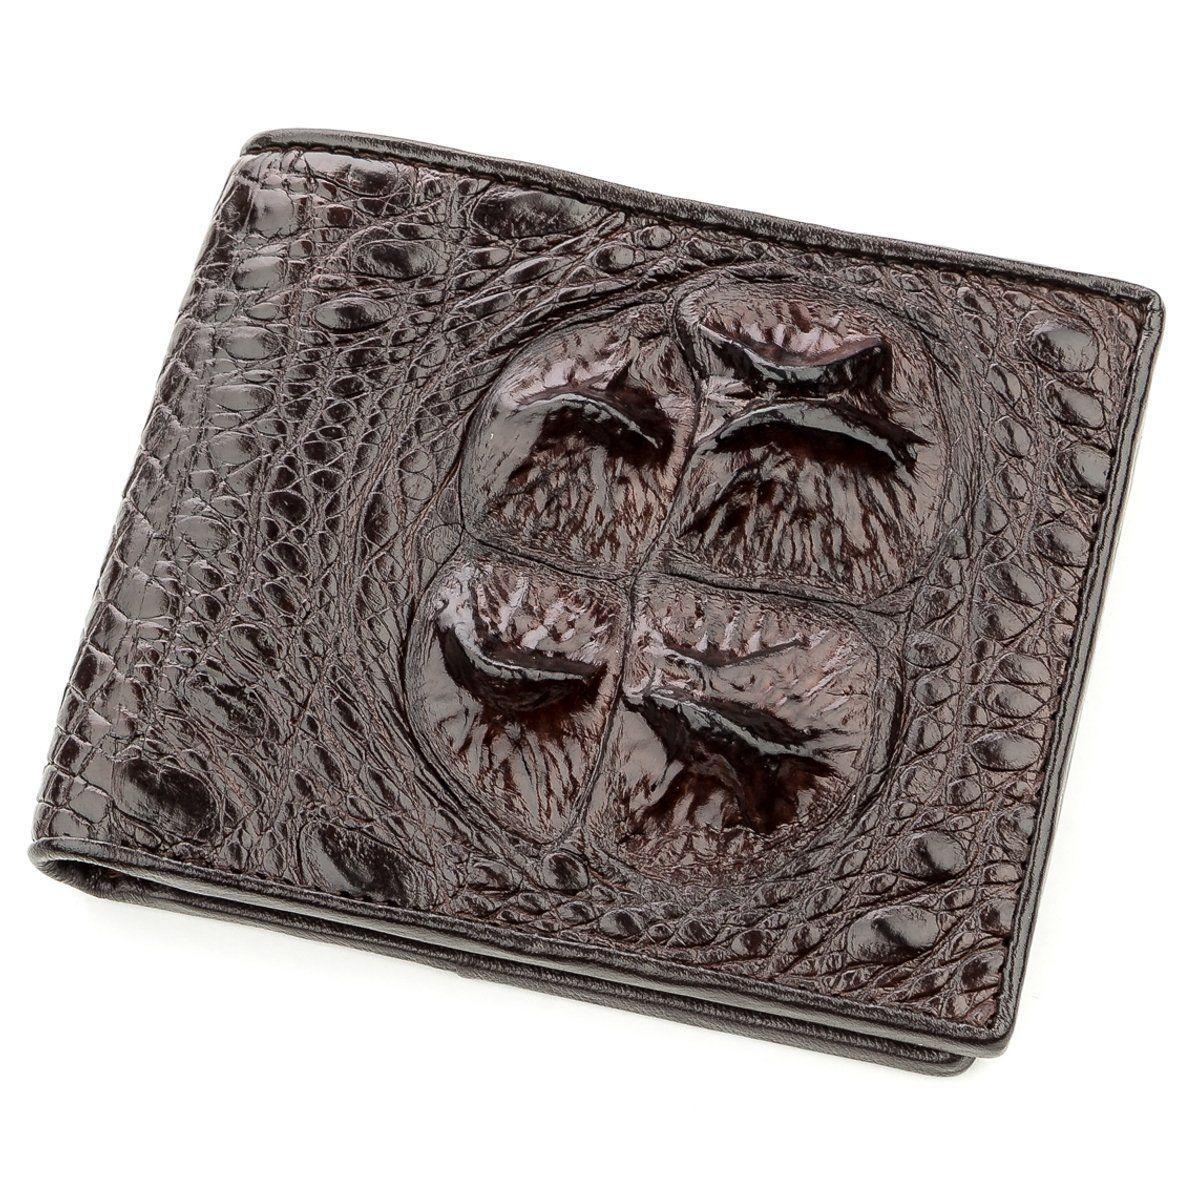 Бумажник мужской CROCODILE LEATHER 18581 из натуральной кожи крокодила Коричневый, Коричневый